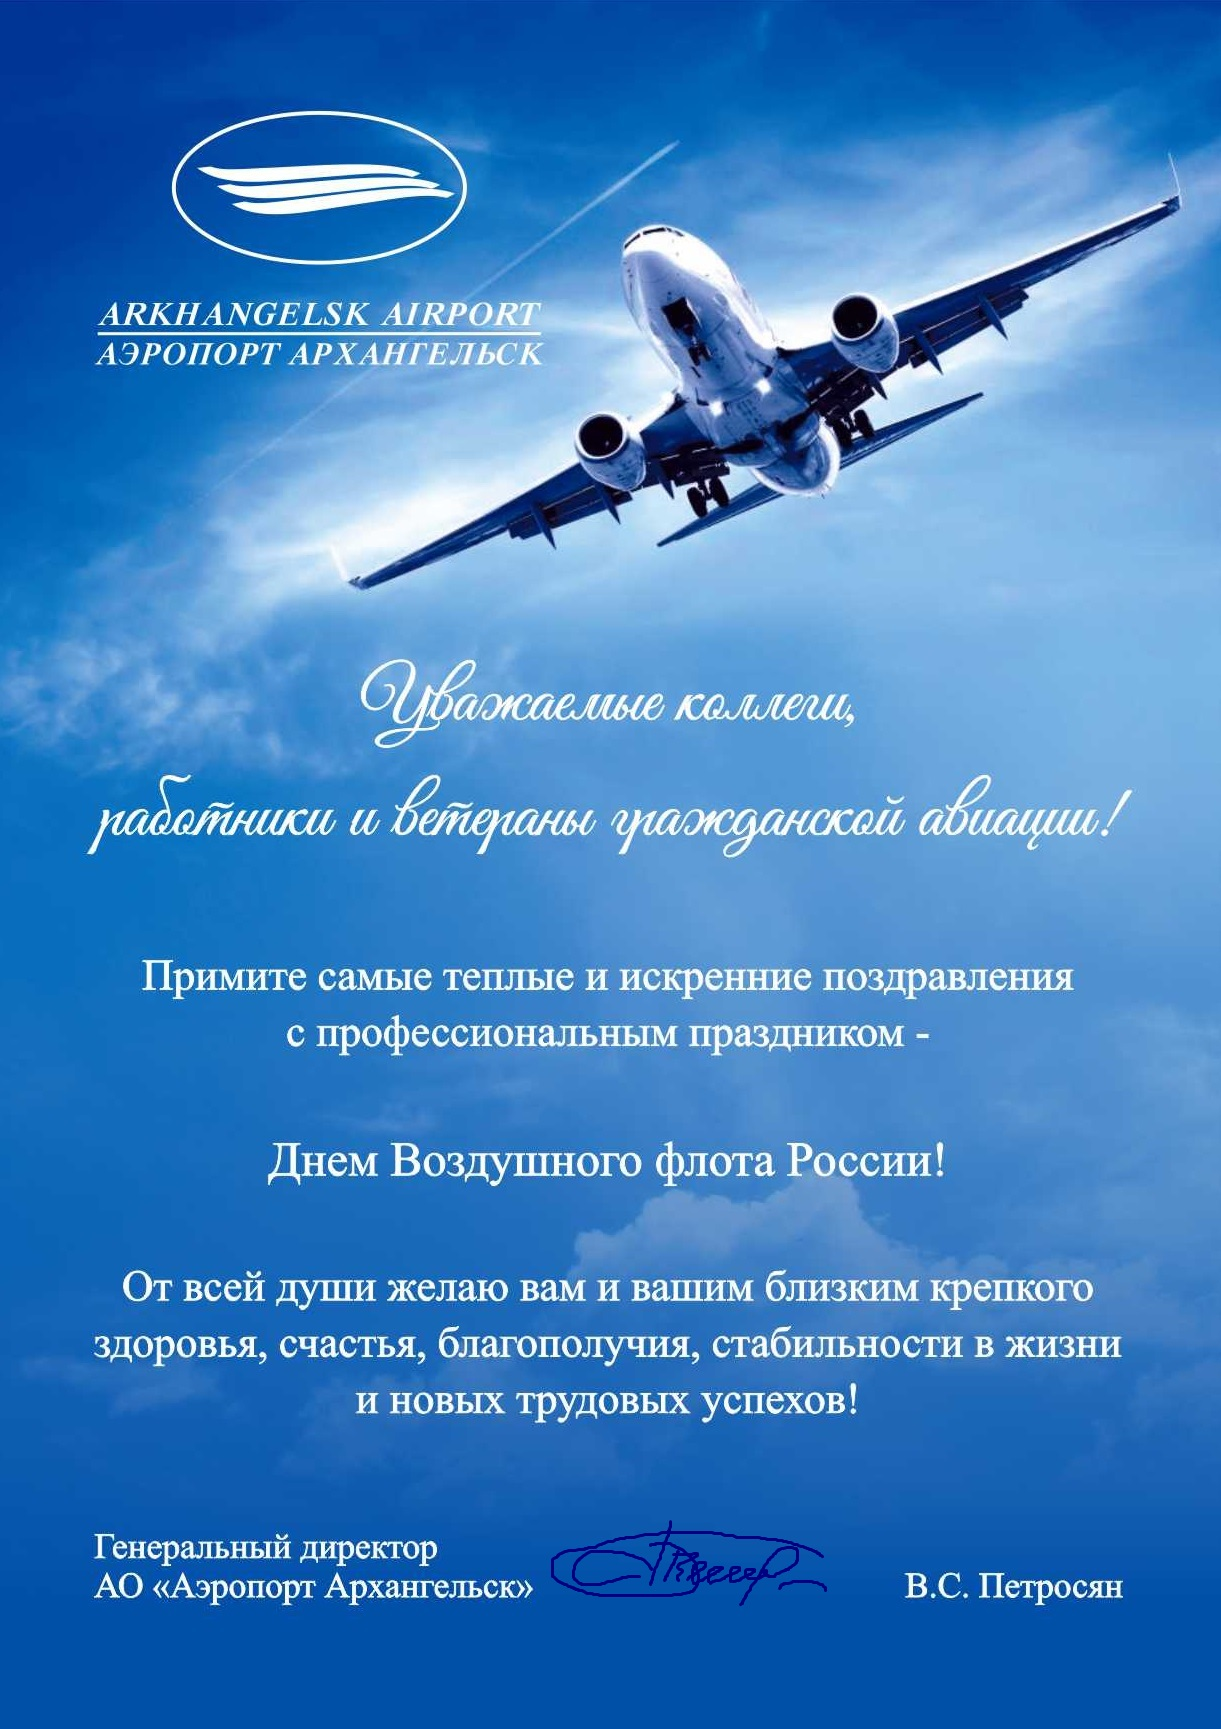 Поздравление с днем аэрофлота в стихах